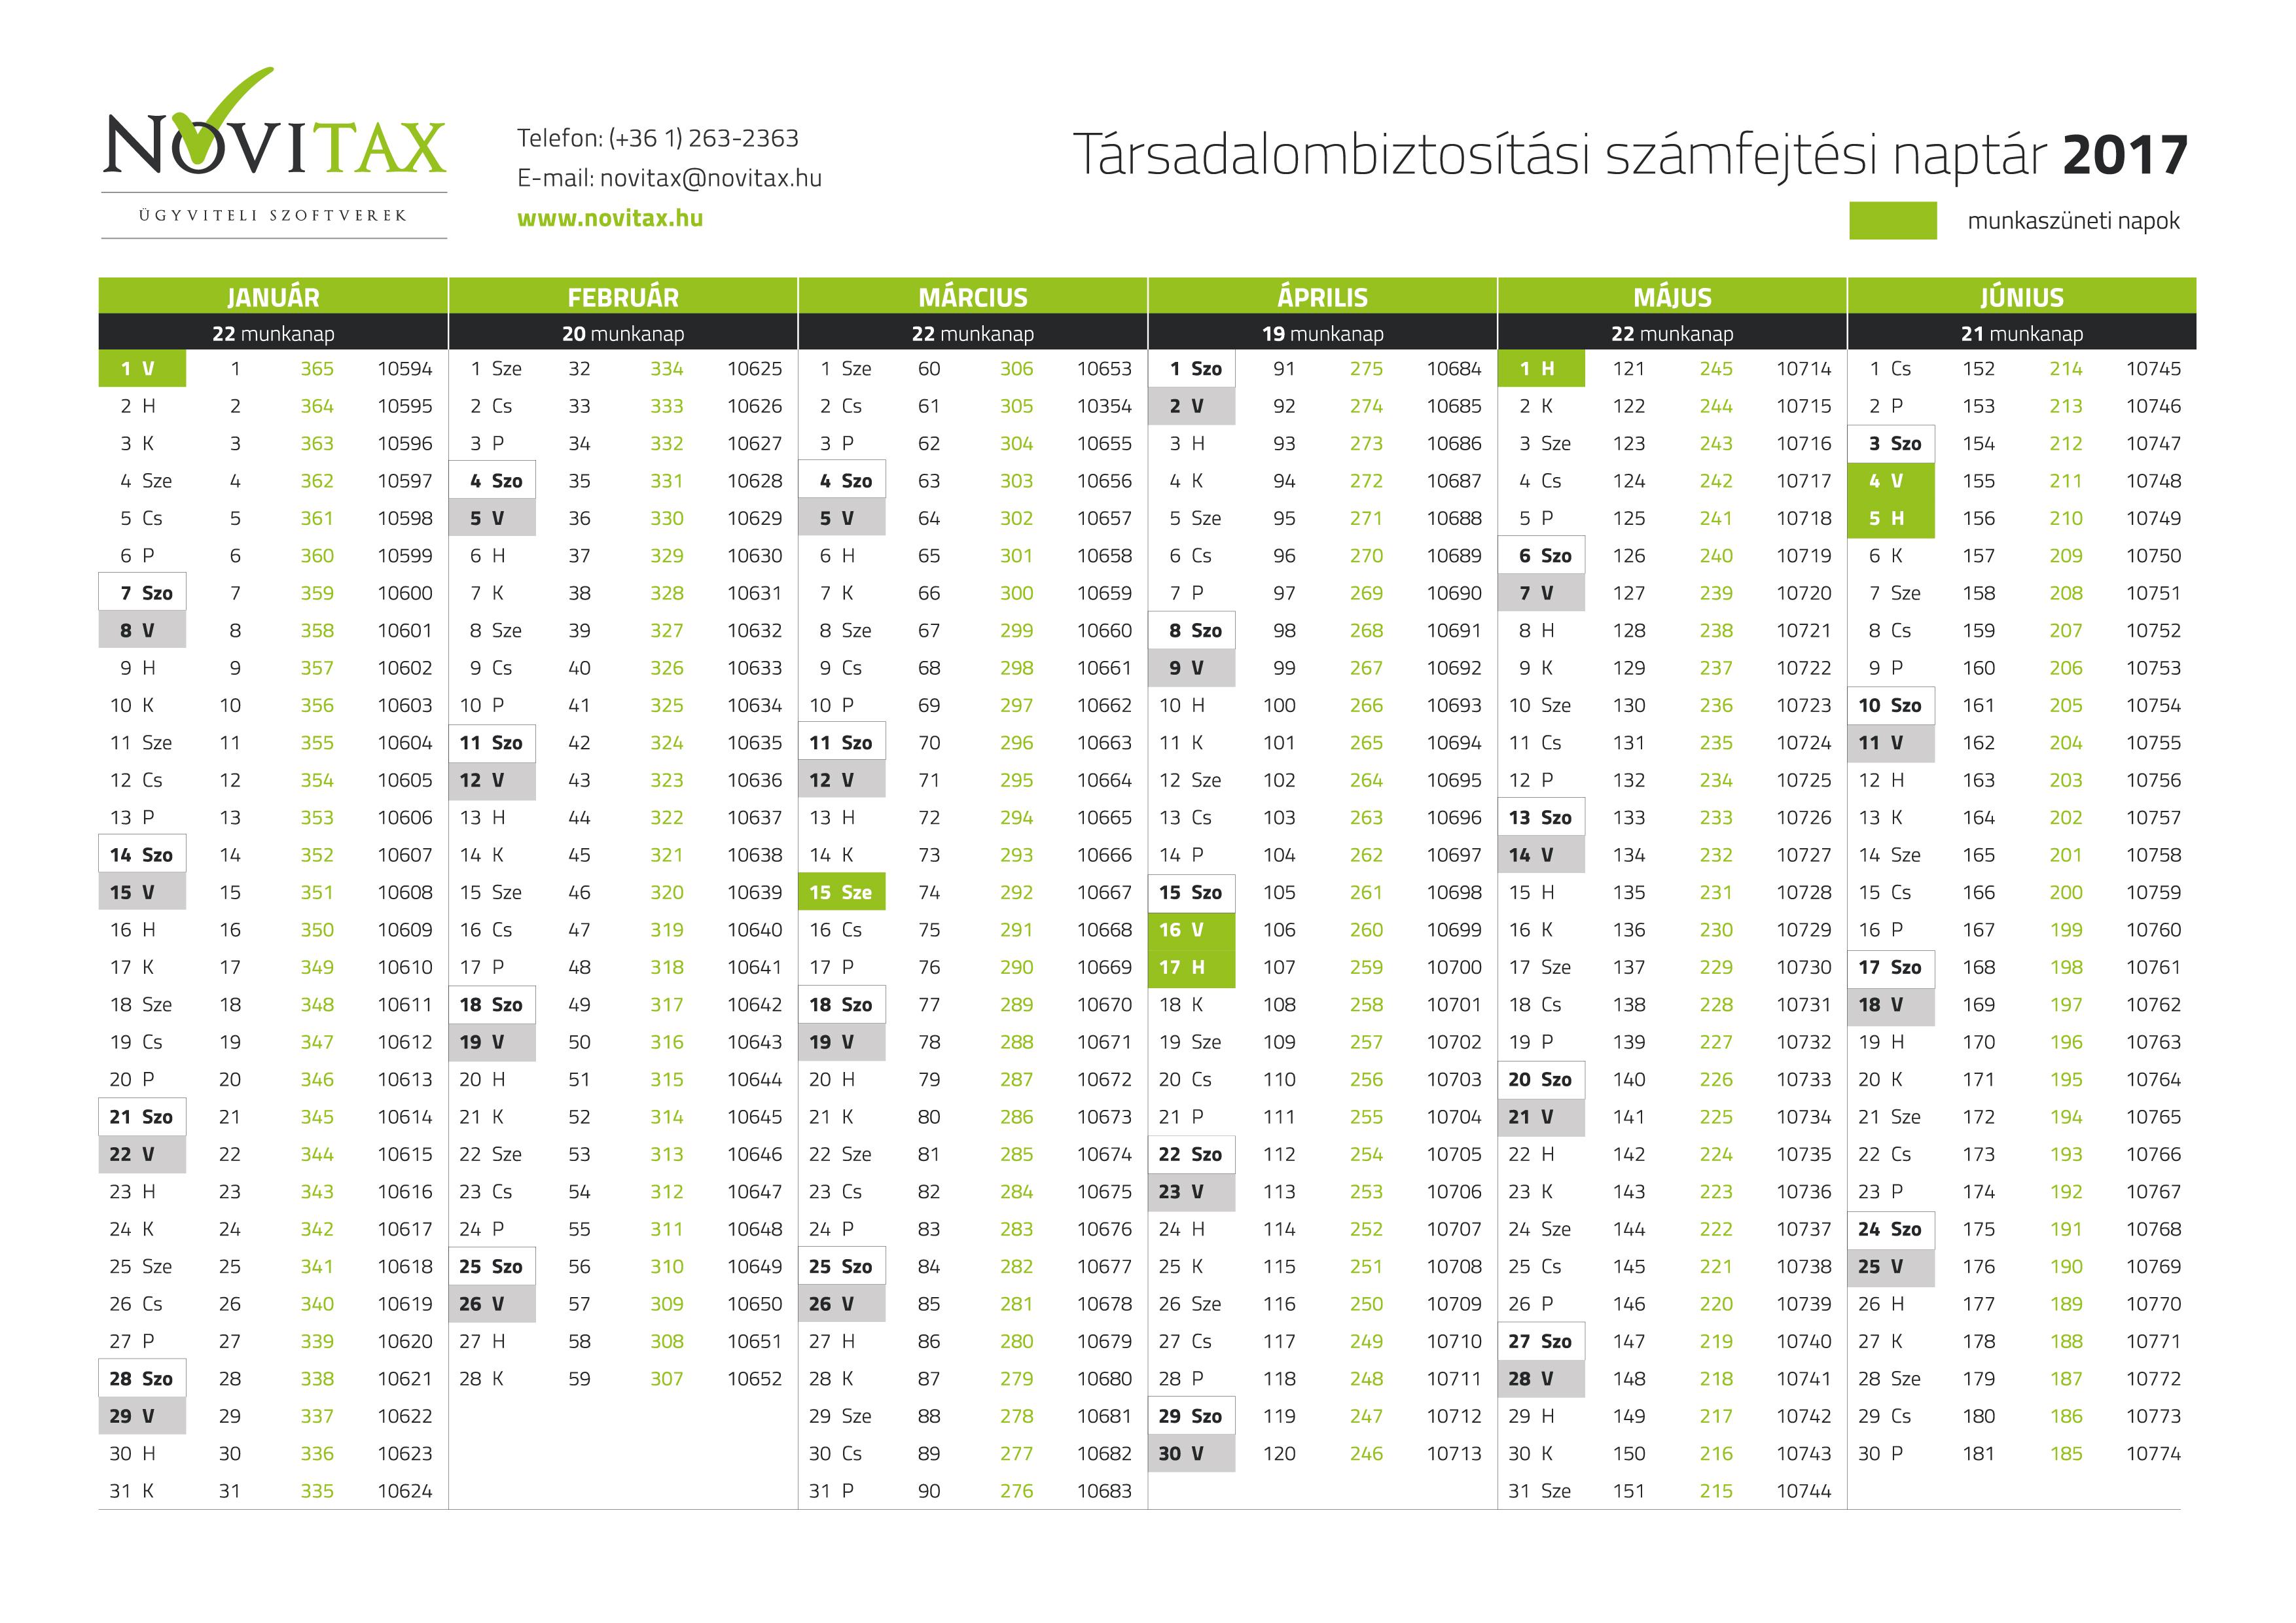 130d64a5ce Letölthető, nyomtatható 2018-as TB naptár - Novitax - Ügyviteli és könyvelő  programok